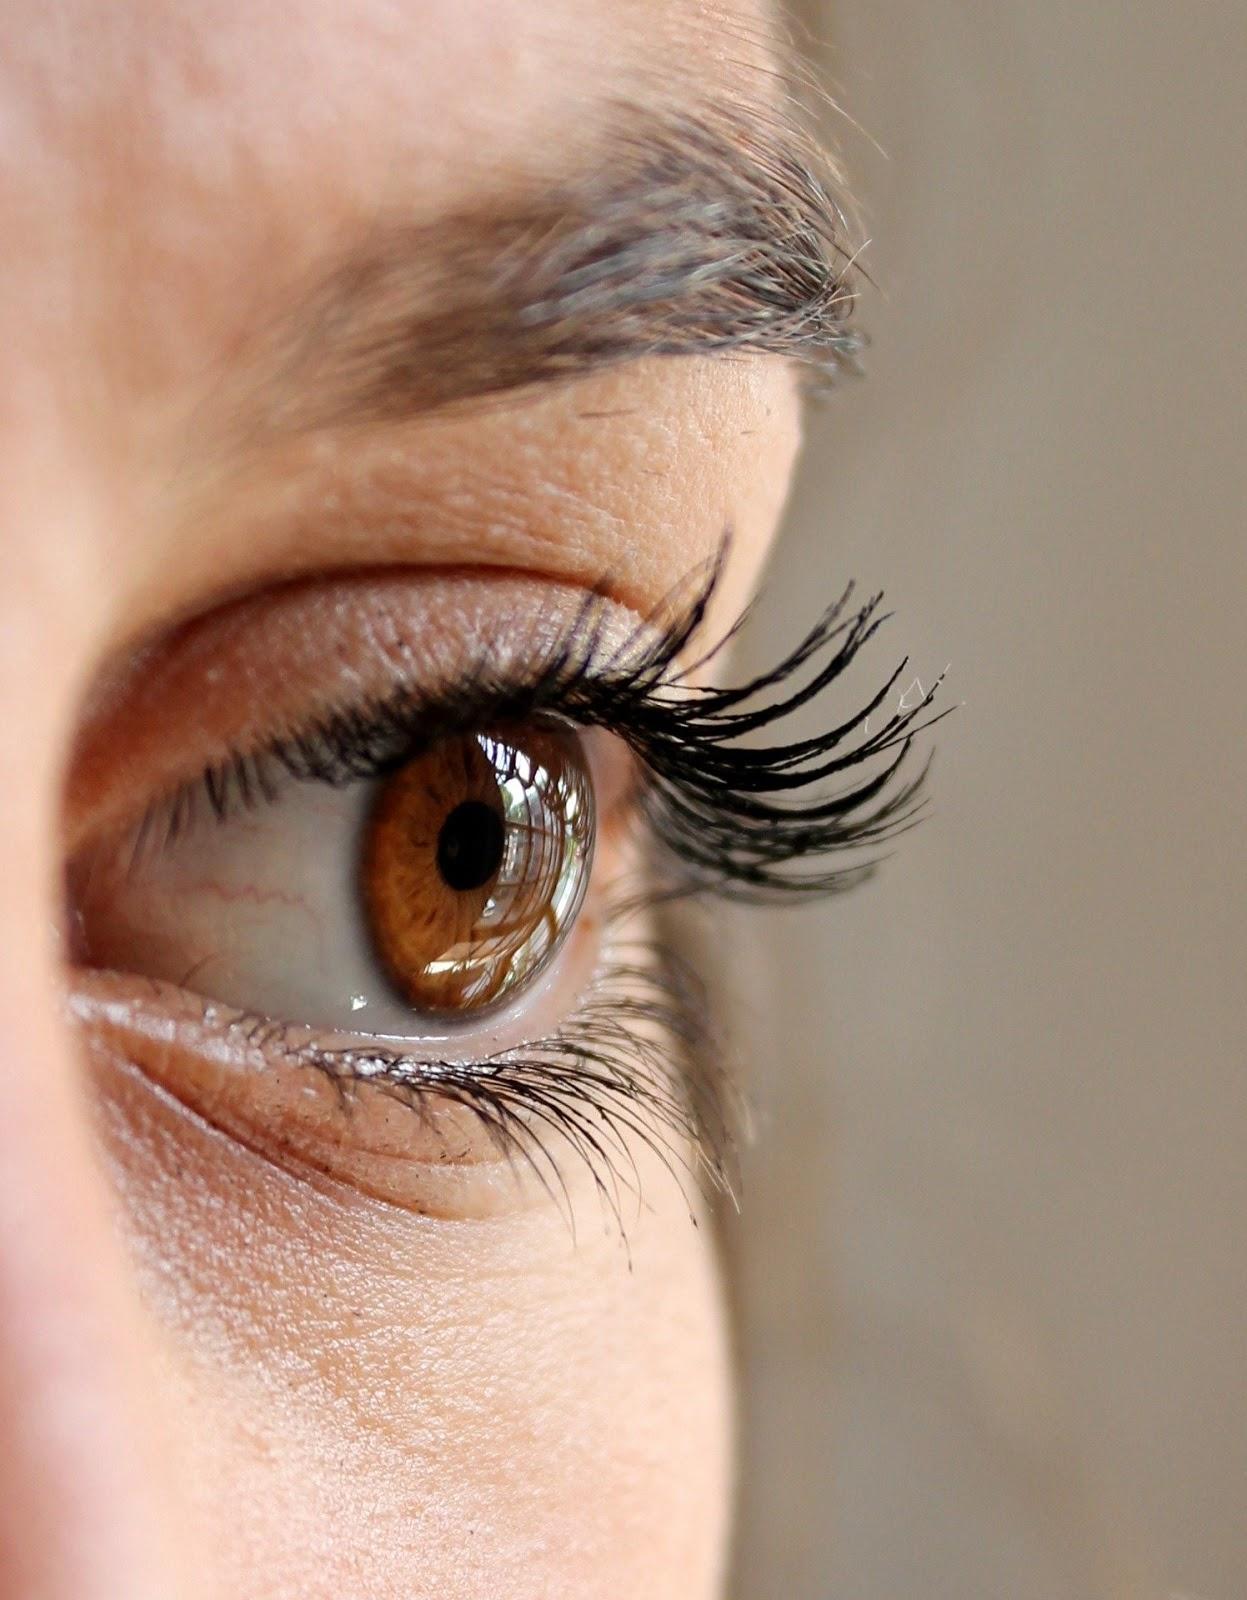 Laserowa korekcja wzroku Lentivu – przeciwwskazania, co musisz wiedzieć przed zabiegiem i jak wygląda wizyta kwalifikacyjna